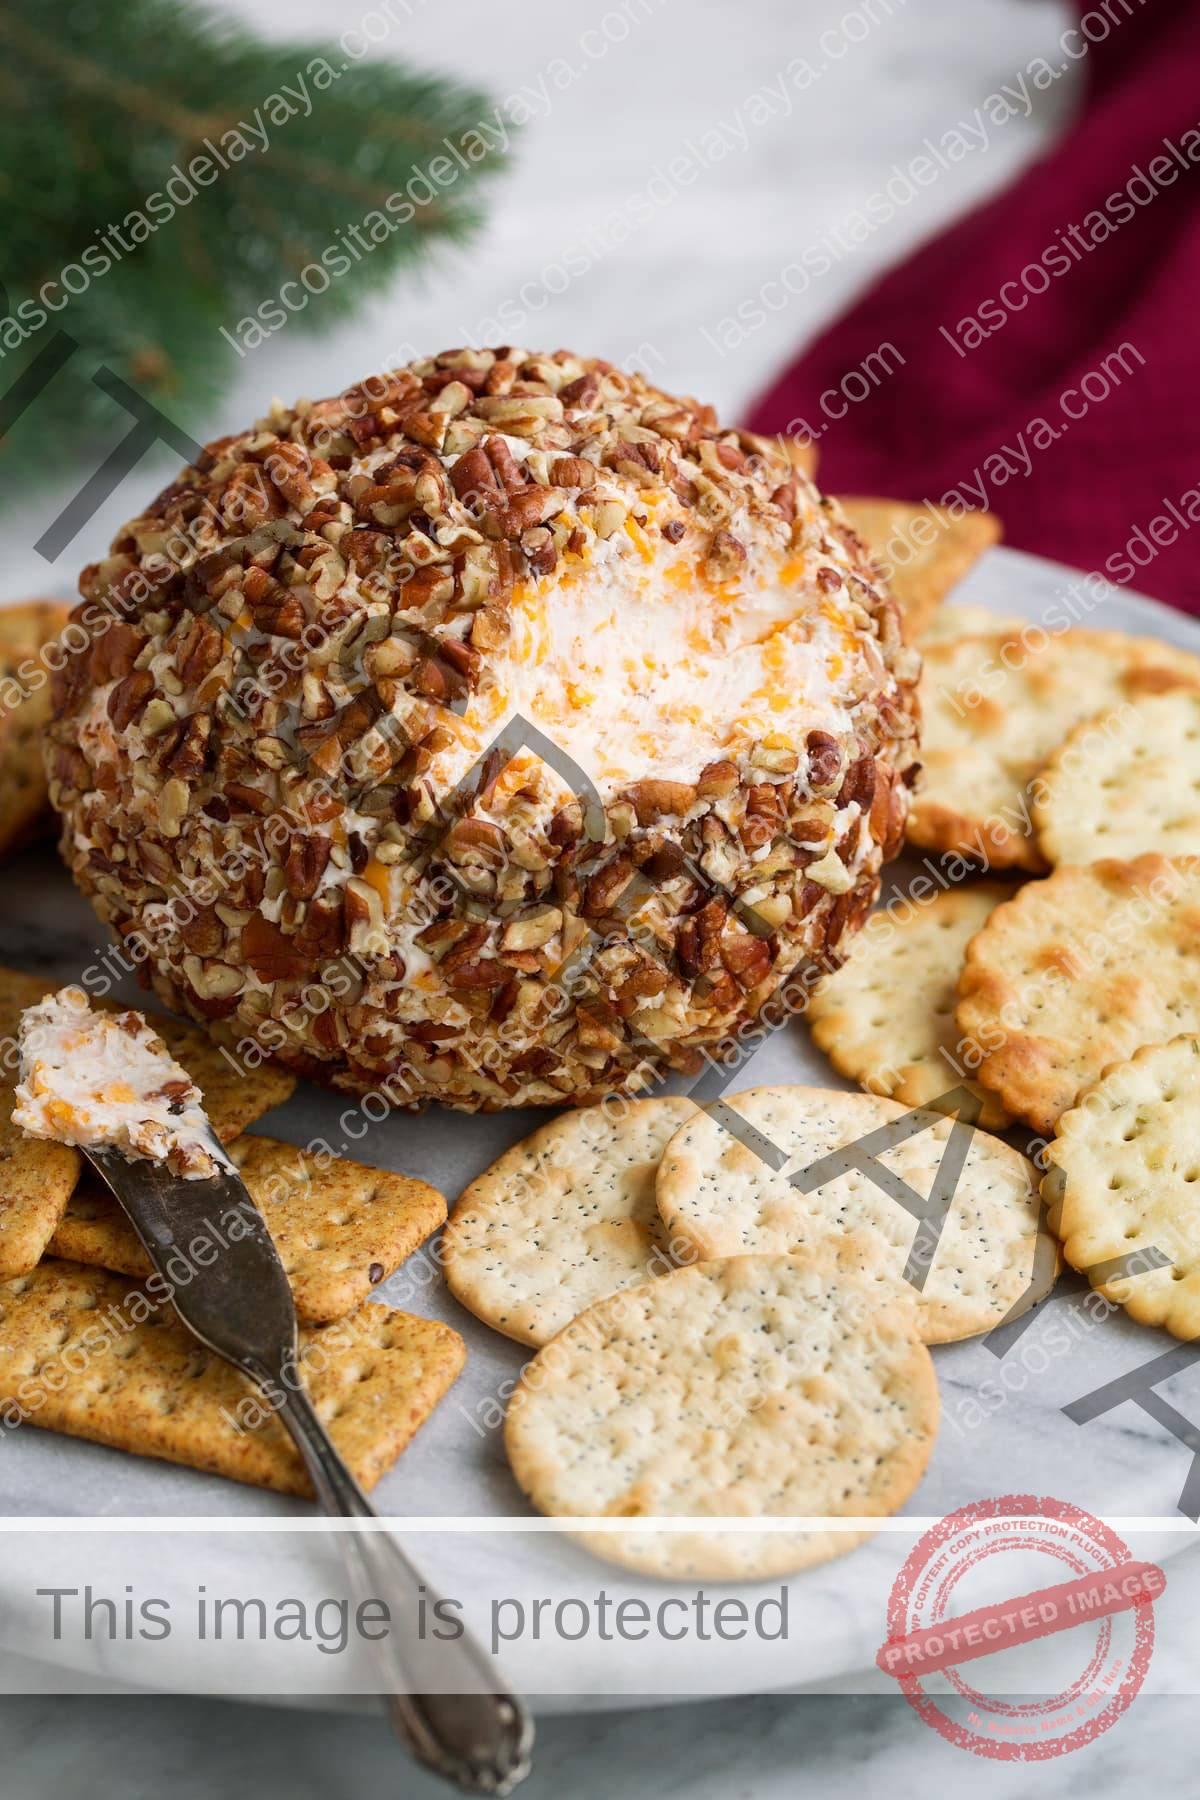 La mejor receta de bola de masa de queso